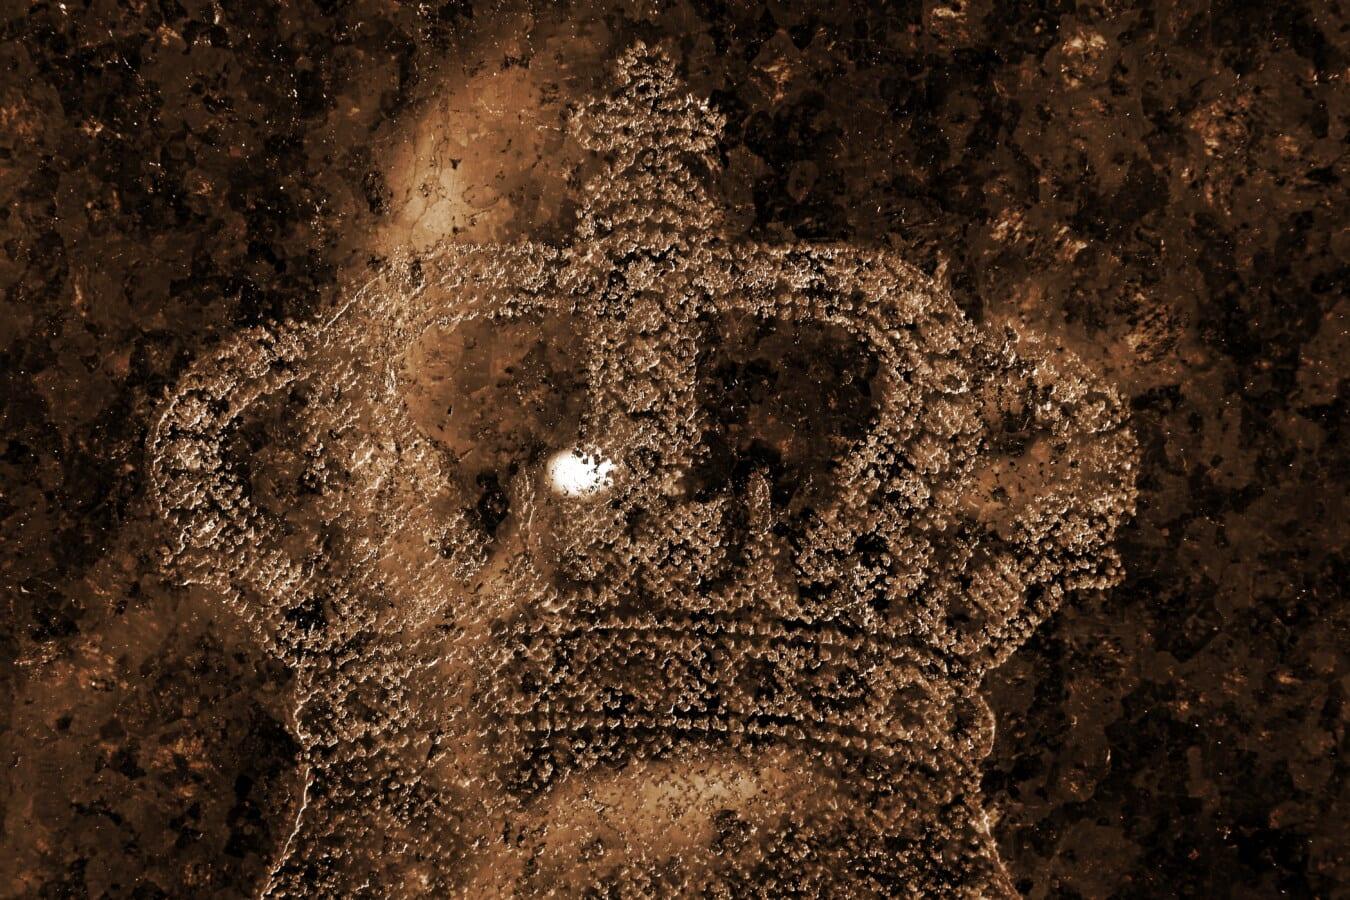 Couronne, lueur dorée, symbole, texture, réflexion, royaume, King, brillante, Rough, vieux